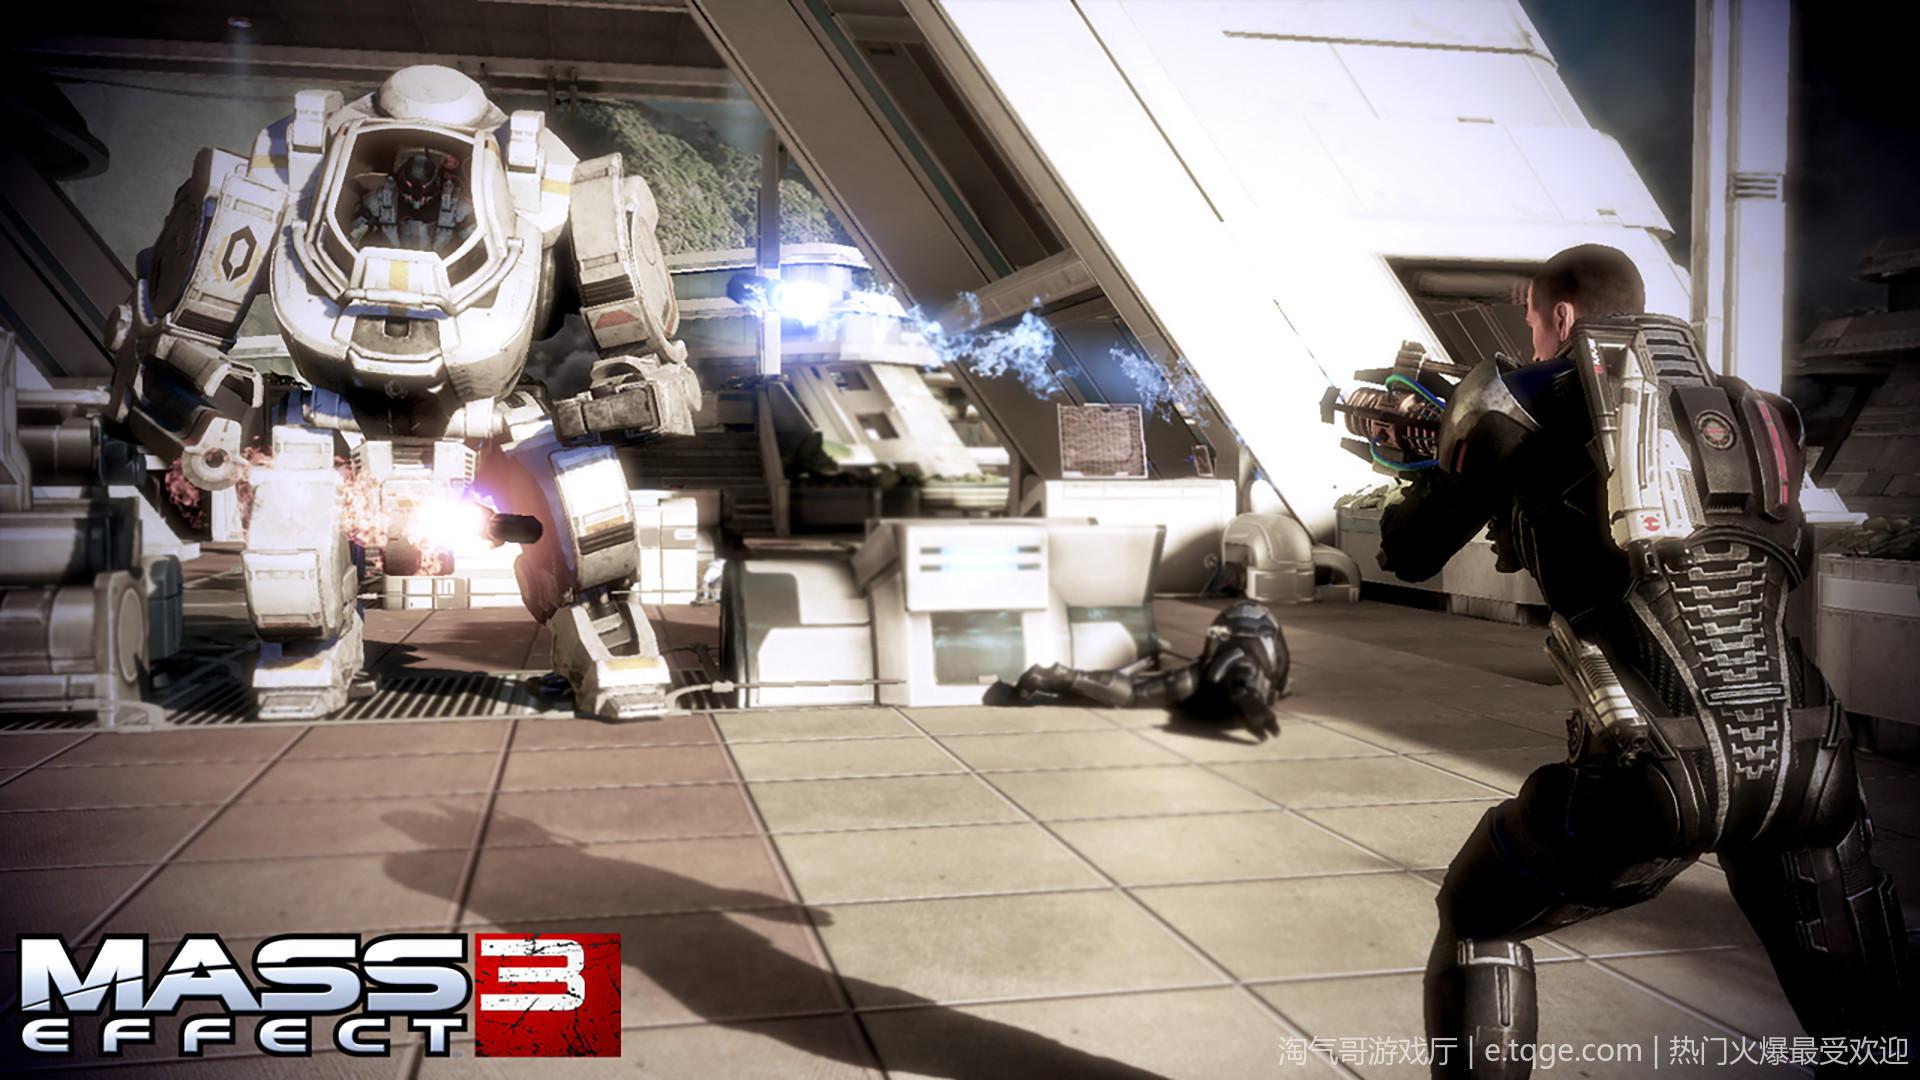 质量效应3/Mass Effect 3 动作冒险 第3张